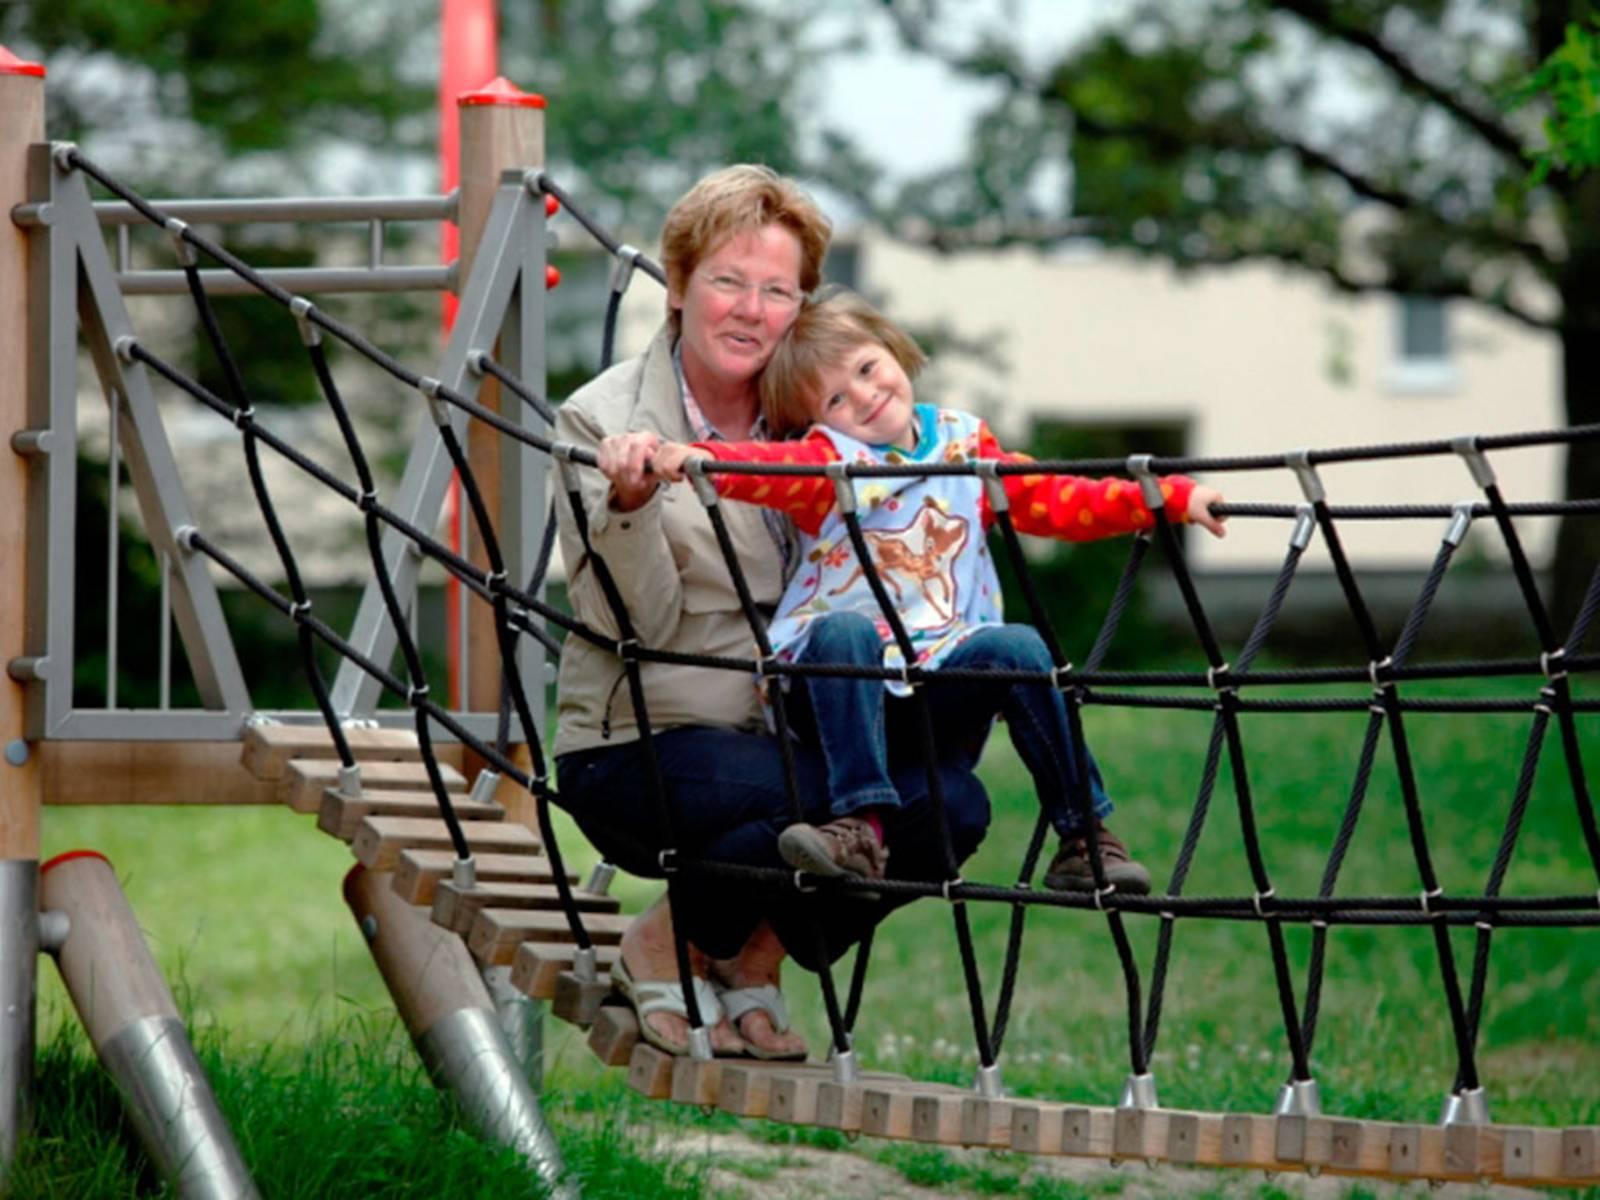 Eine Frau mit einem Mädchen auf einer Hängebrücke auf einem Spielplatz